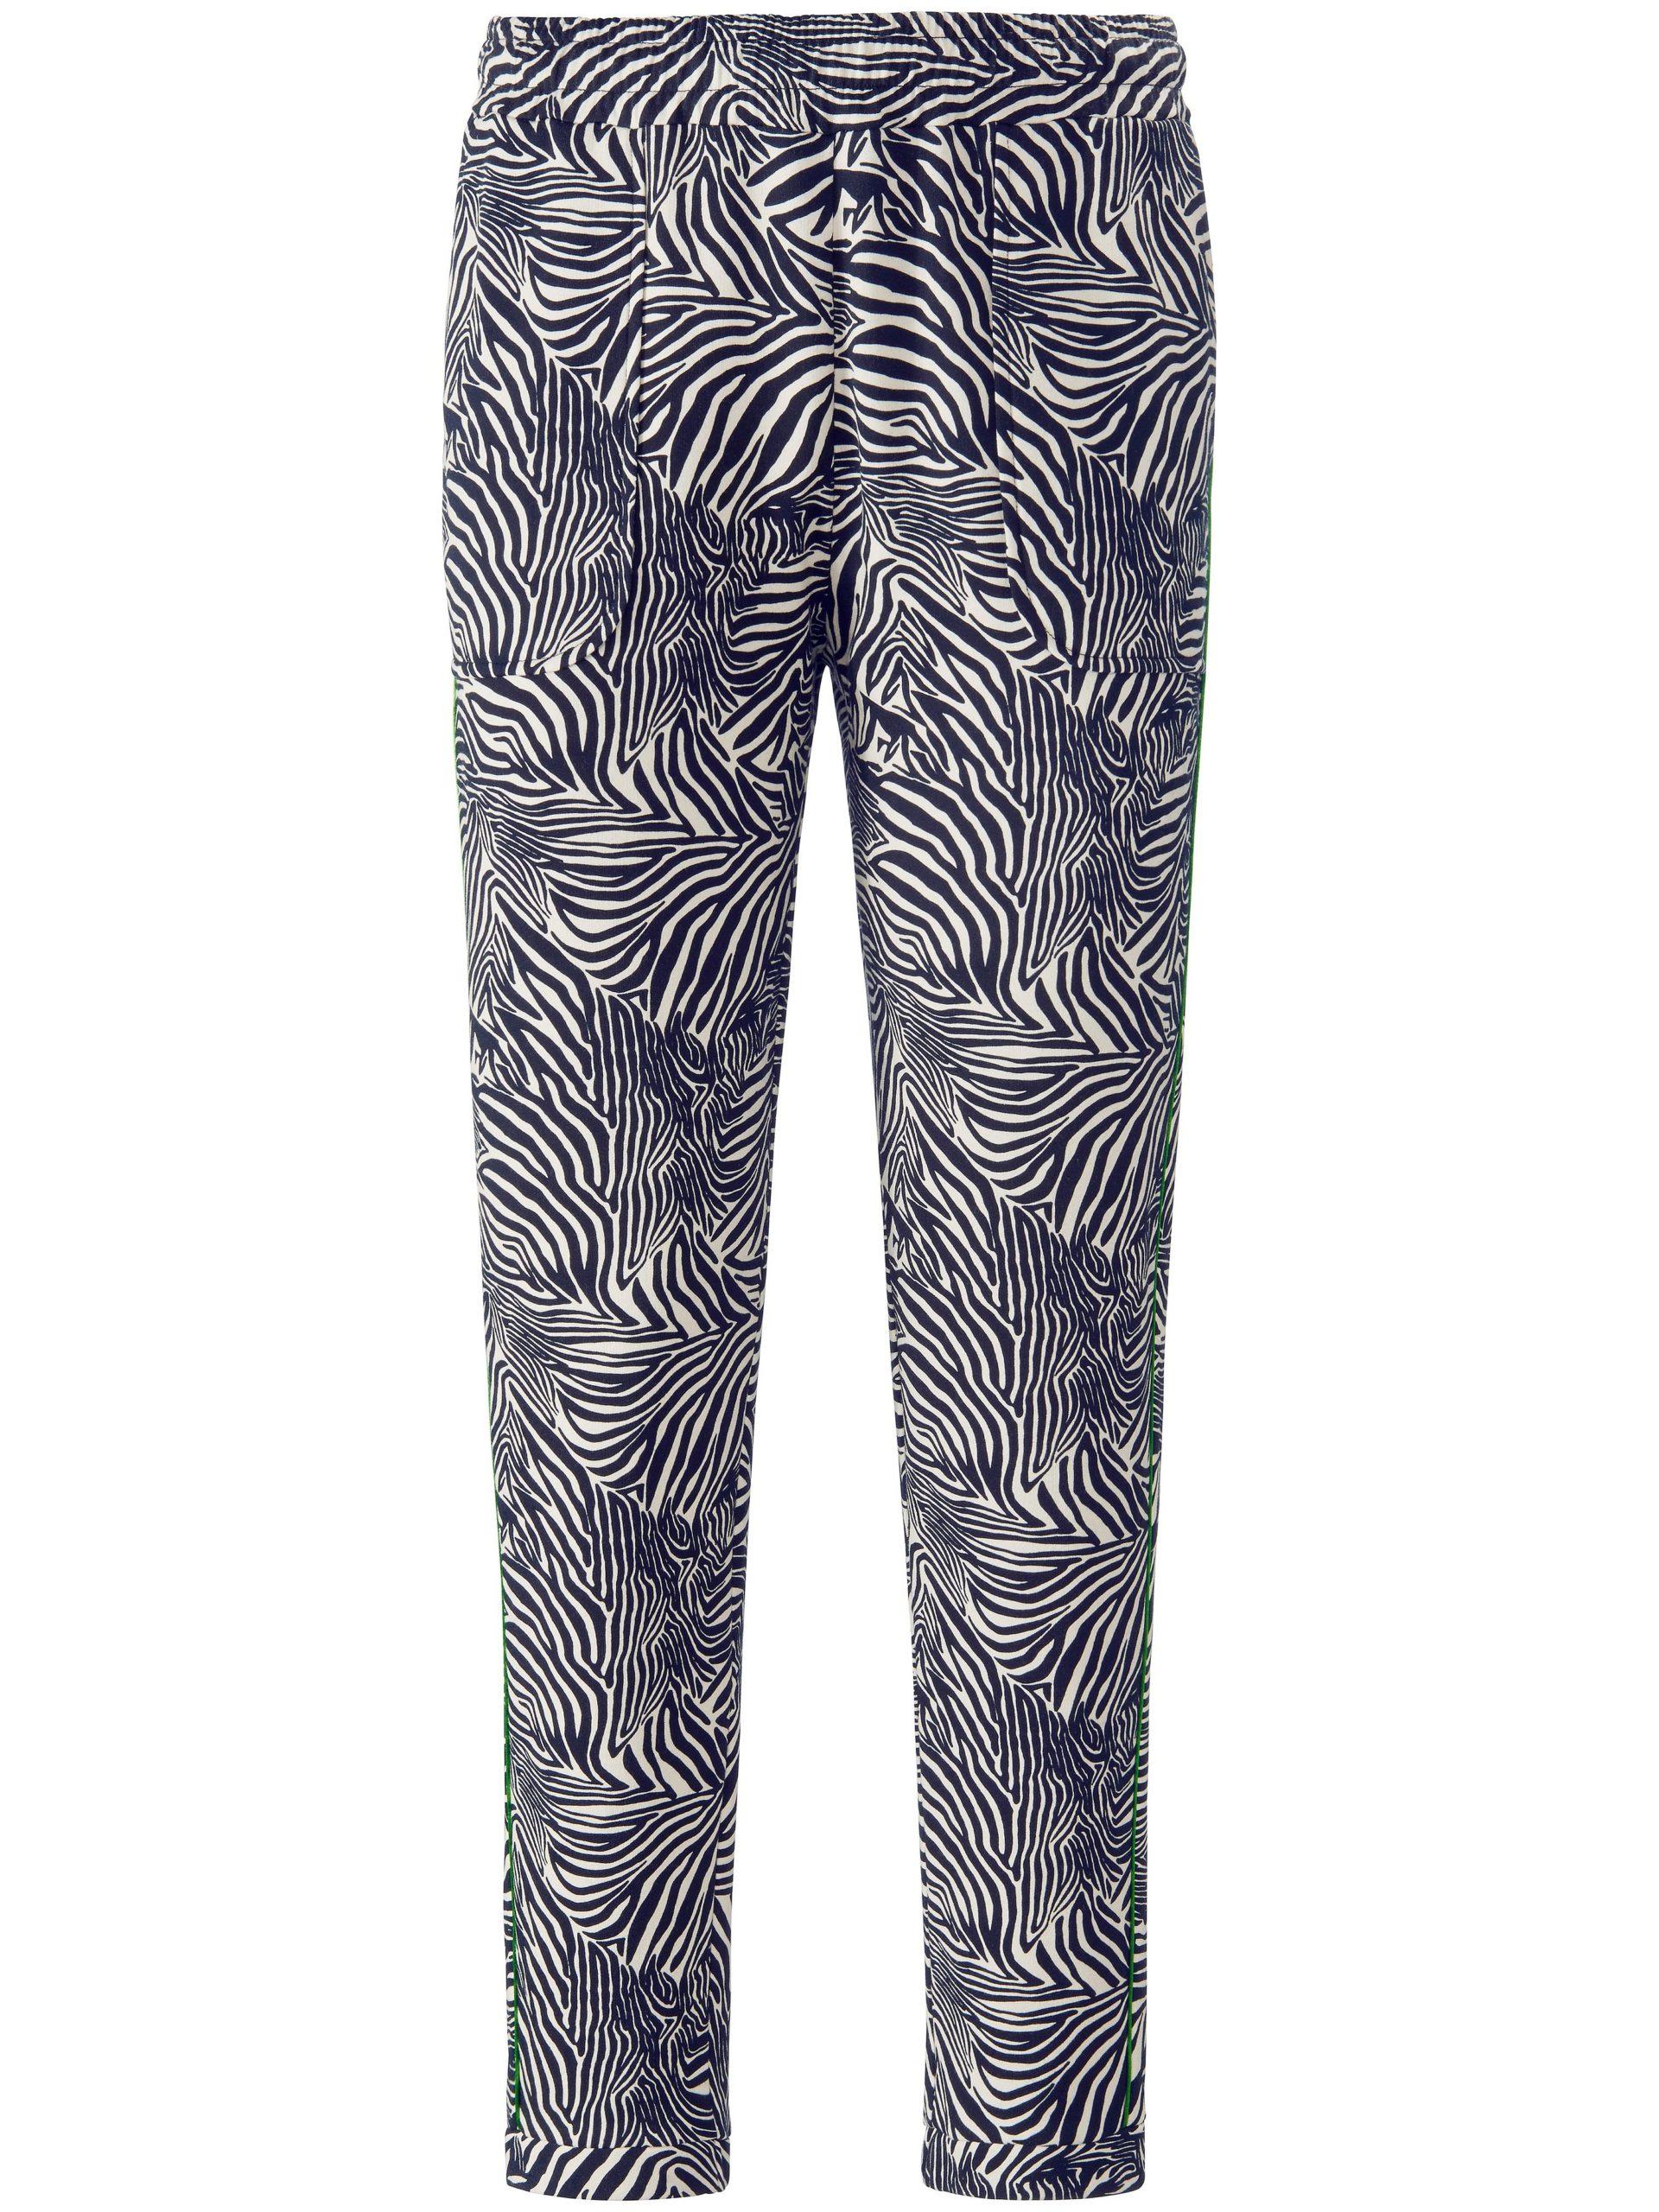 Enkellange sweatbroek met zebraprint Van MYBC blauw Kopen